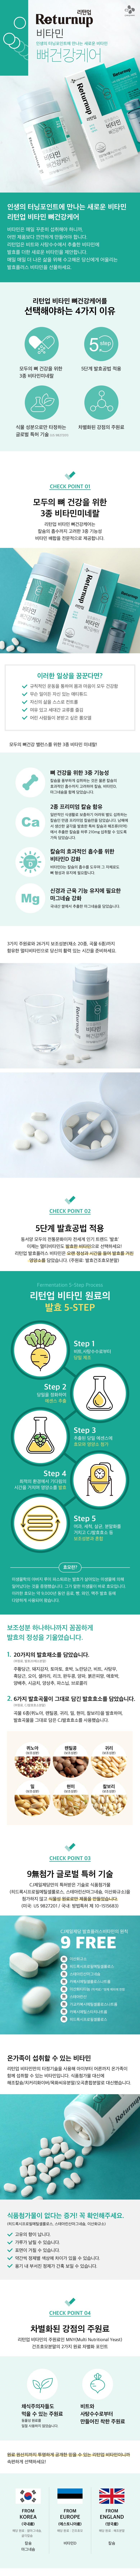 리턴업 발효플러스 비타민 에너지케어 x 2개 1